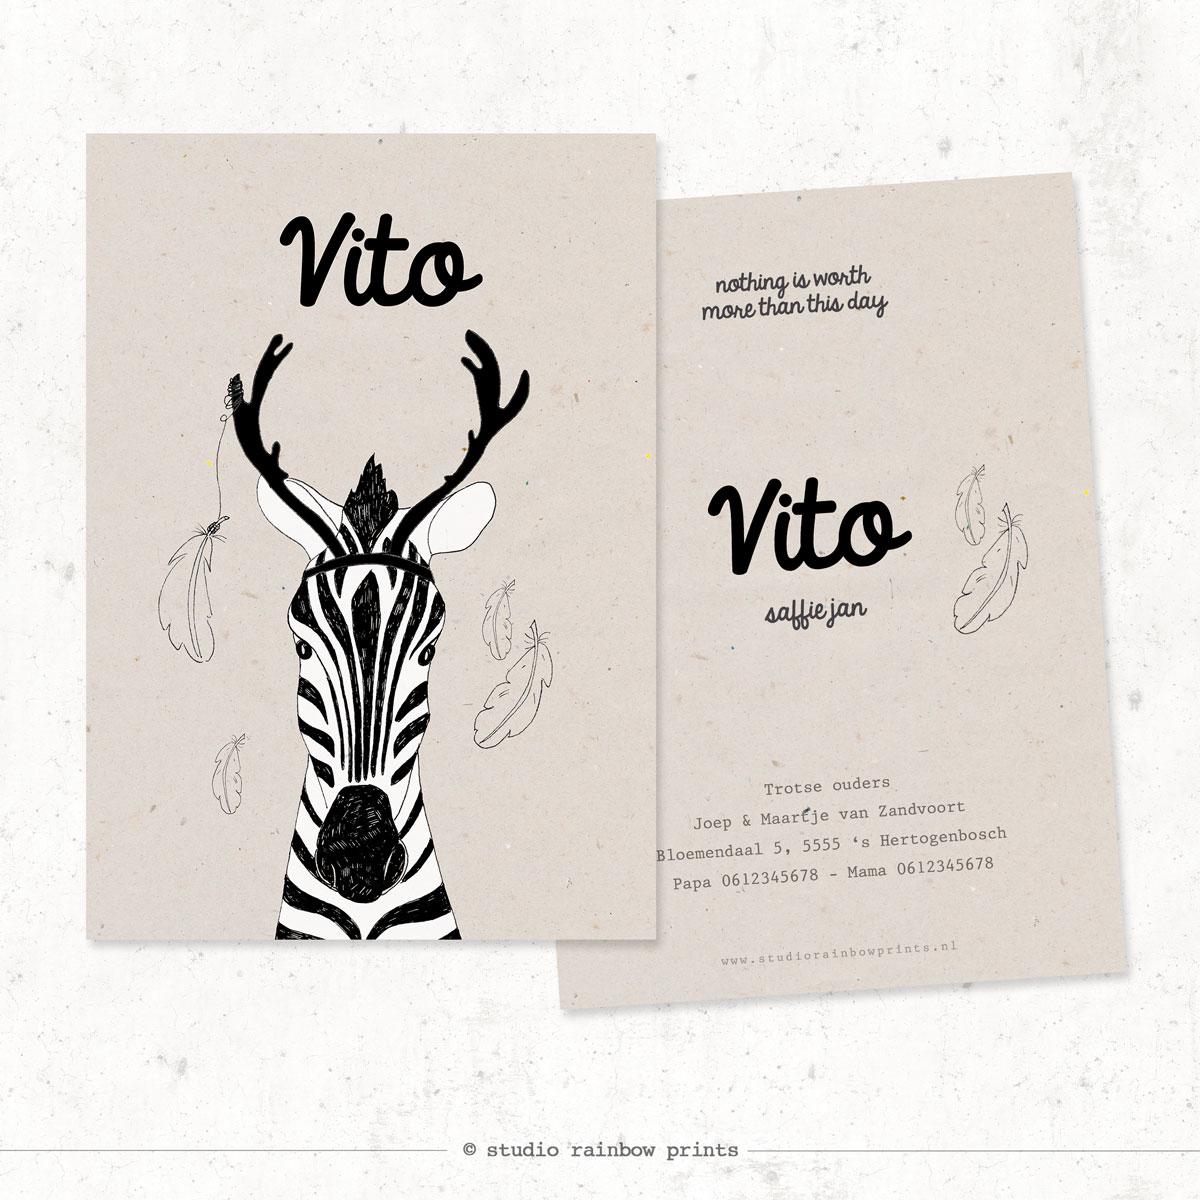 Geboortekaartje Vito